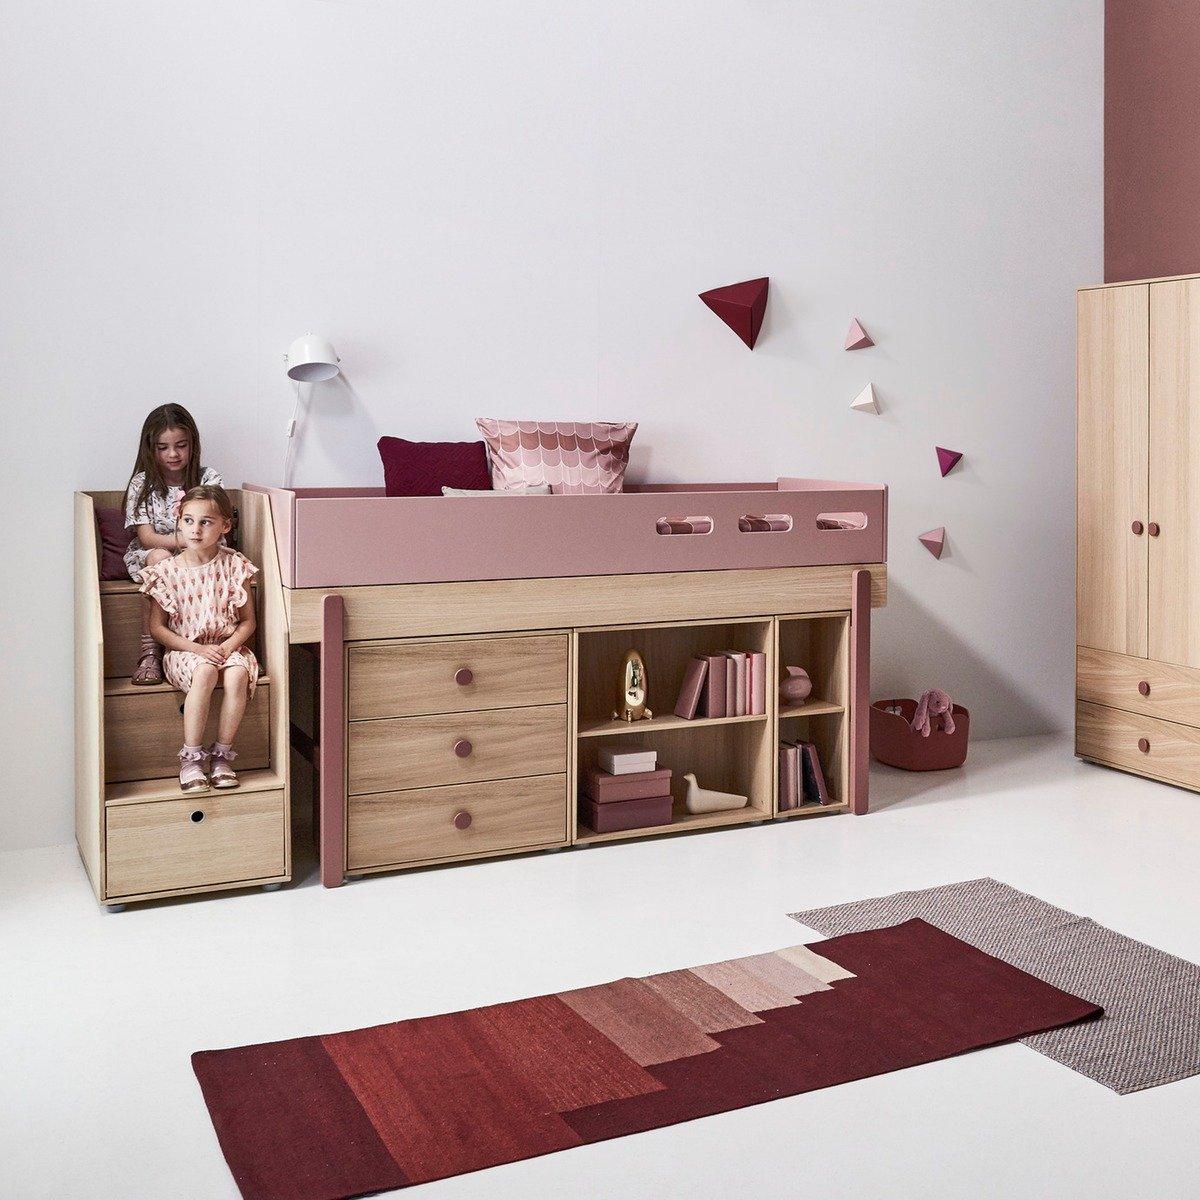 Full Size of Flexa Hochbett Popsicle Mit Treppe Rosa Online Kaufen Kidswoodlove Kinderzimmer Regal Weiß Regale Sofa Kinderzimmer Kinderzimmer Hochbett